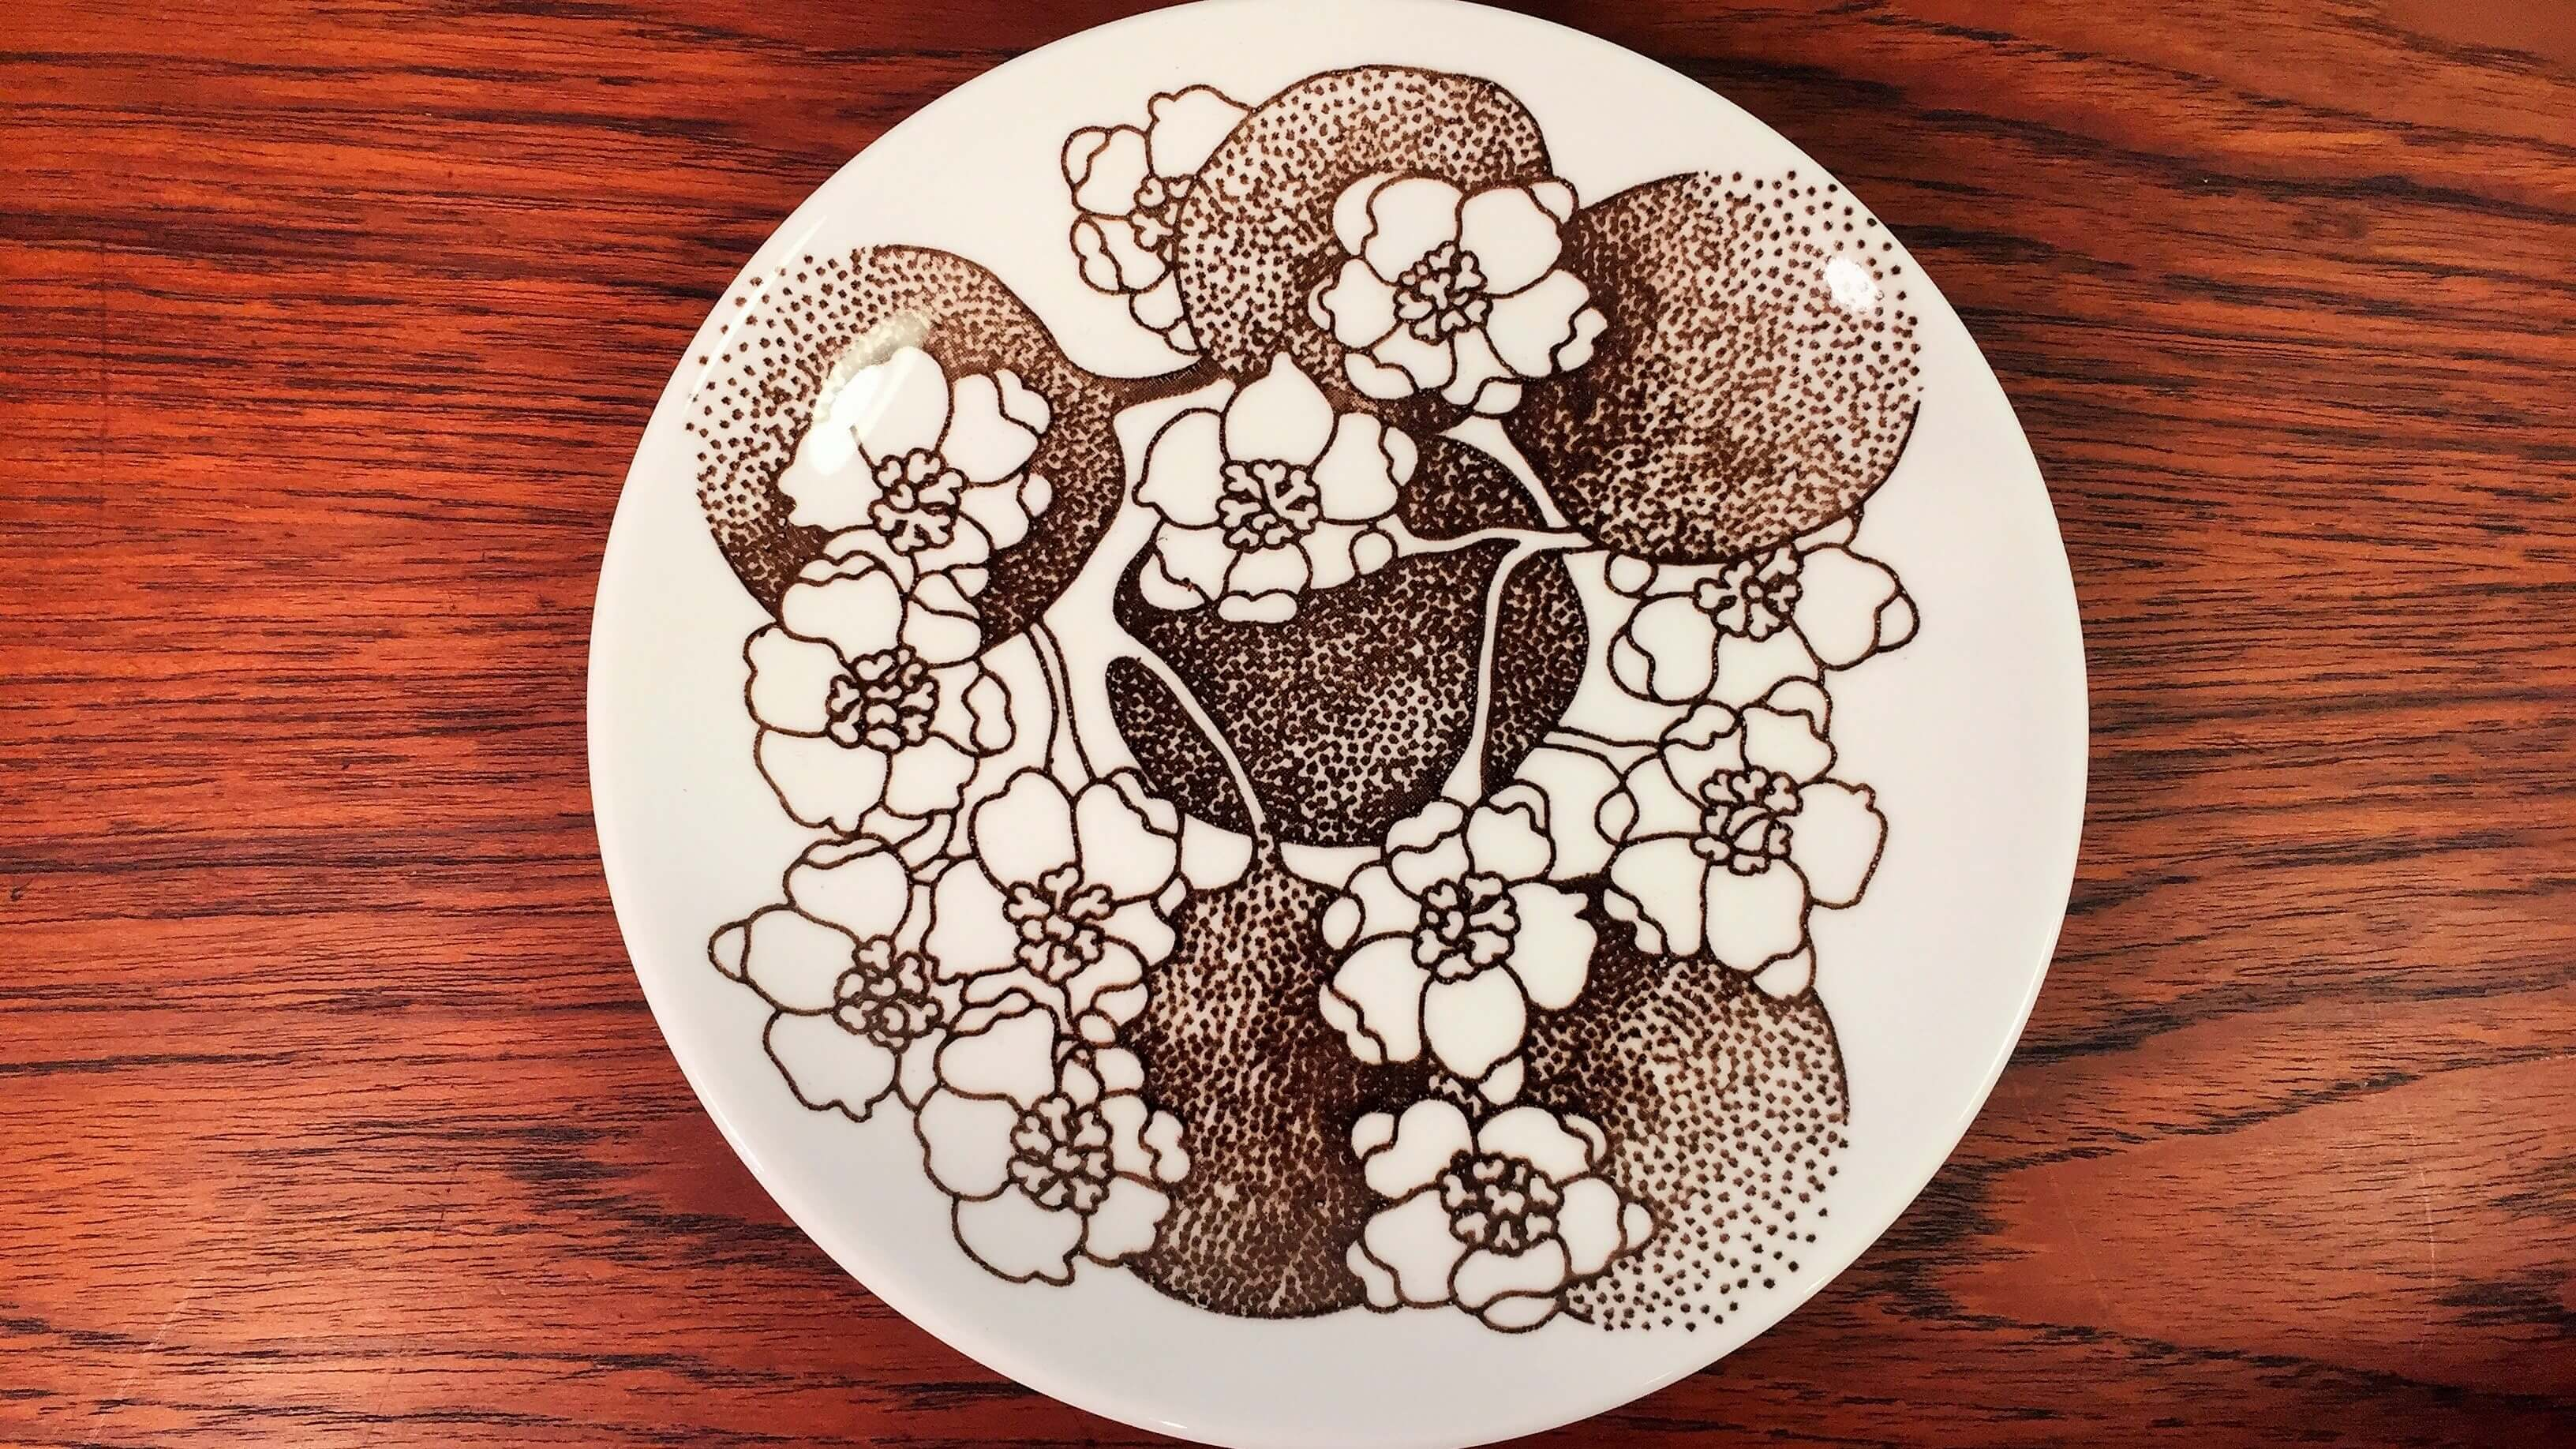 """スウェーデンの陶器ブランド、グスタフスベリの""""エマ""""シリーズのプレート。 フォルムデザインはグスタフスベリを代表する天才デザイナー、スティグ・リンドベリ。 デコレートデザインはアザラシなどの動物をモチーフにしたオブジェでも有名なパウル・ホフ。 """"エマ""""は白地にブラウン一色でりんごとその花が大胆に描かれており、 華やかさと、上品で落ち着いた雰囲気のあるシリーズです。 17cmのプレートはケーキやフルーツ、パンなどをのせたりと、 日常使いにちょうどいい大きさです。 ティータイムや朝食のお供にぜひいかがでしょうか♪ ~【東京都杉並区阿佐ヶ谷北アンティークショップ 古一/ZACK高円寺店】 古一/ふるいちでは出張無料買取も行っております。杉並区周辺はもちろん、世田谷区・目黒区・武蔵野市・新宿区等の東京近郊のお見積もりも!ビンテージ家具・インテリア雑貨・ランプ・USED品・ リサイクルなら古一/フルイチへ~"""